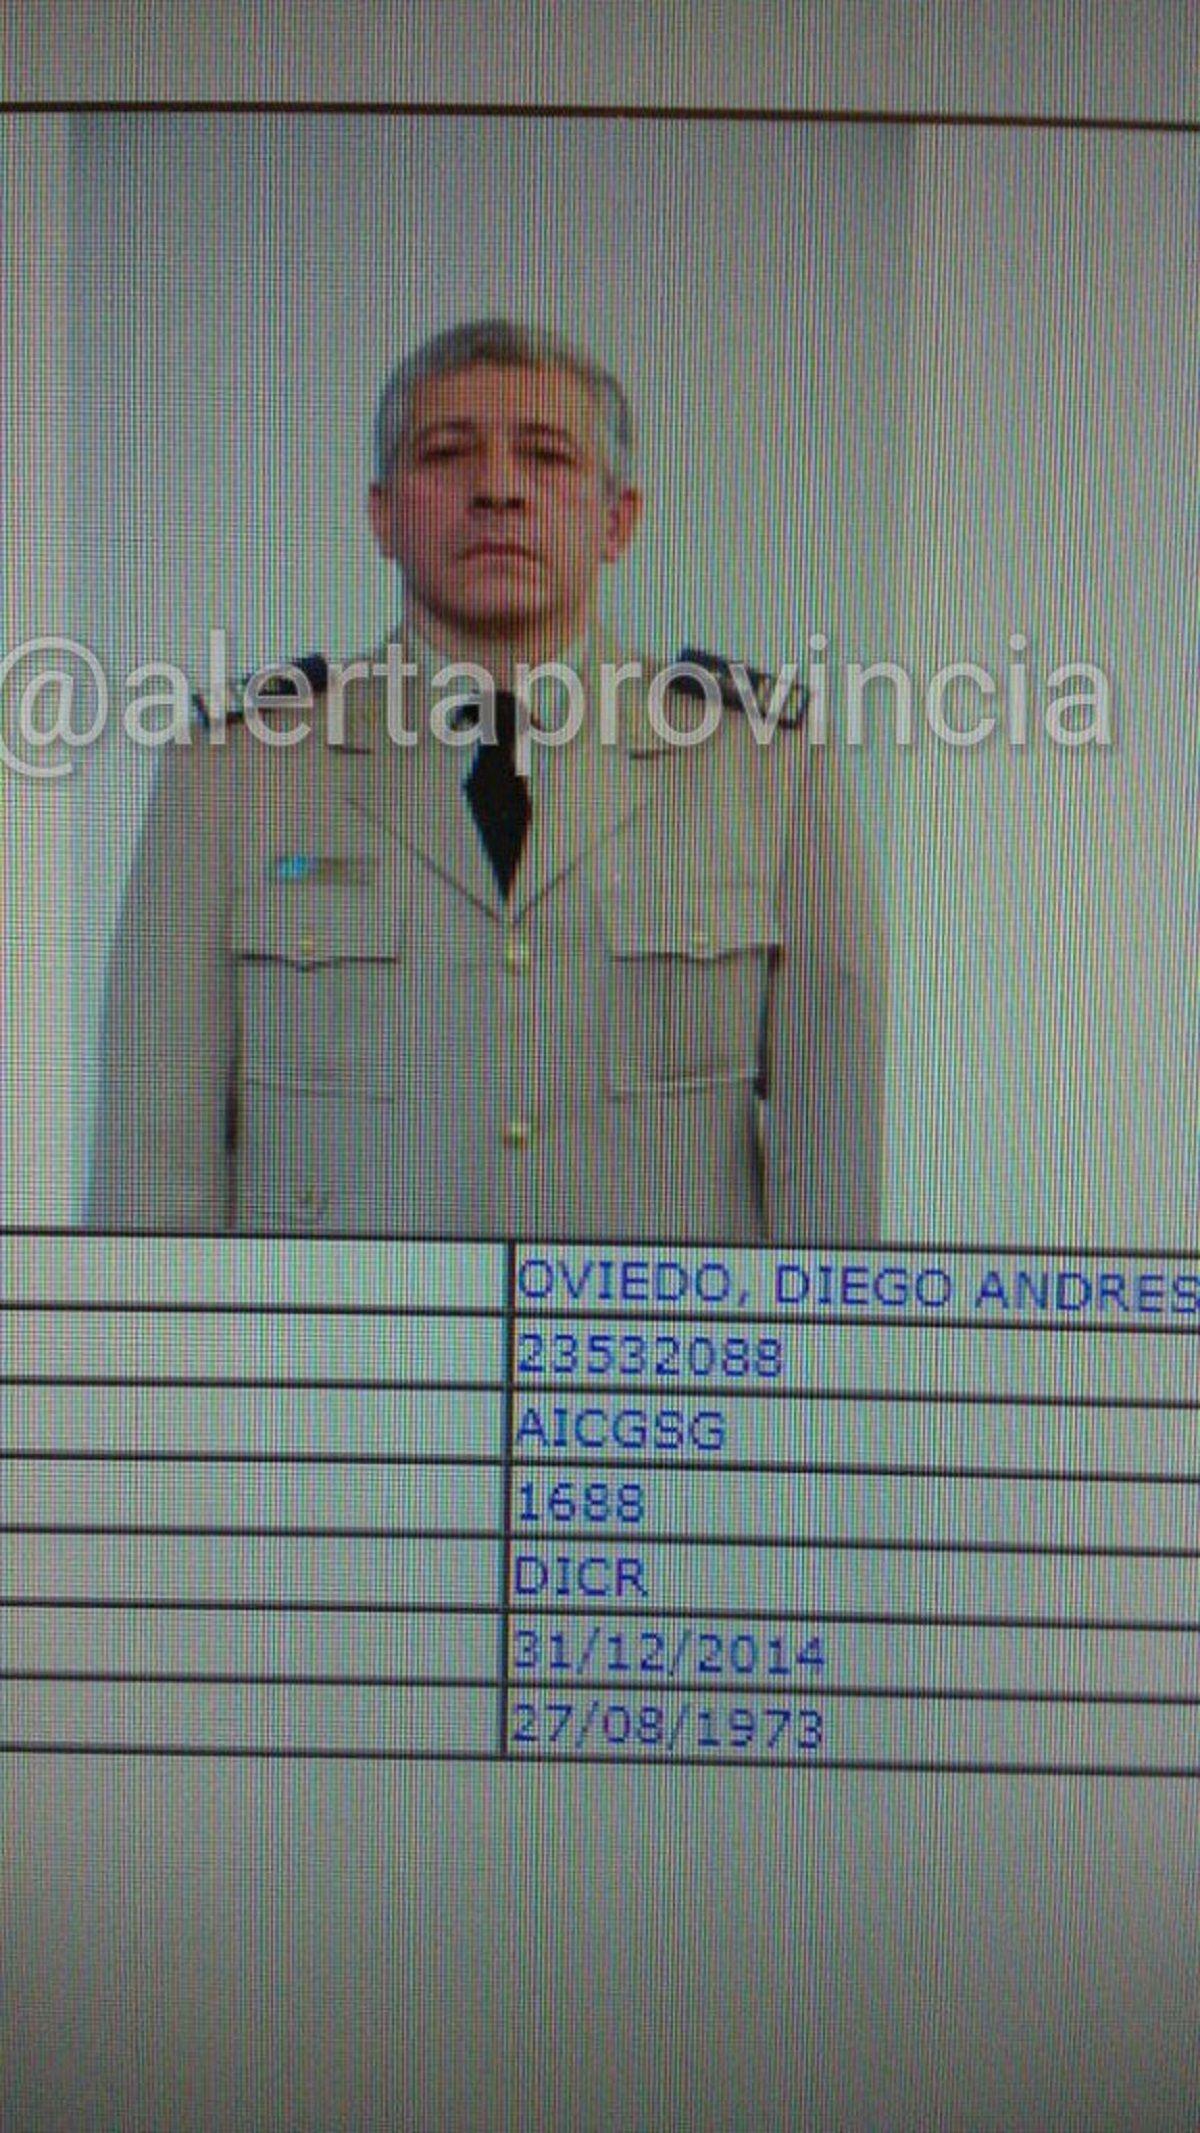 Diego Andrés Oviedo tenía 42 años